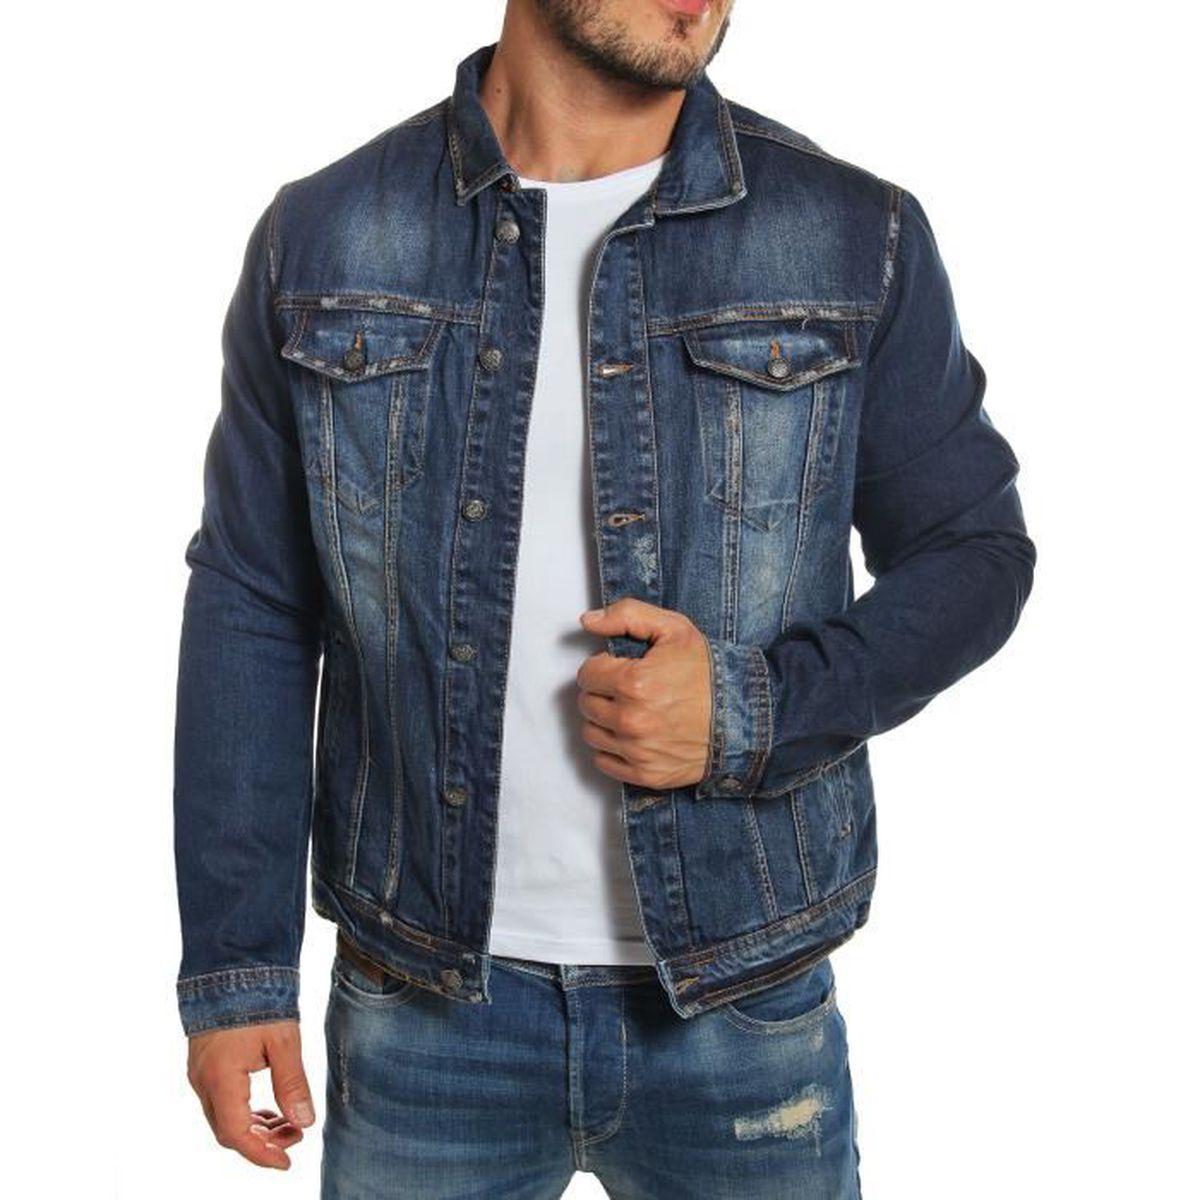 Rerock Veste en jeans homme bleue délavée Bleu Bleu